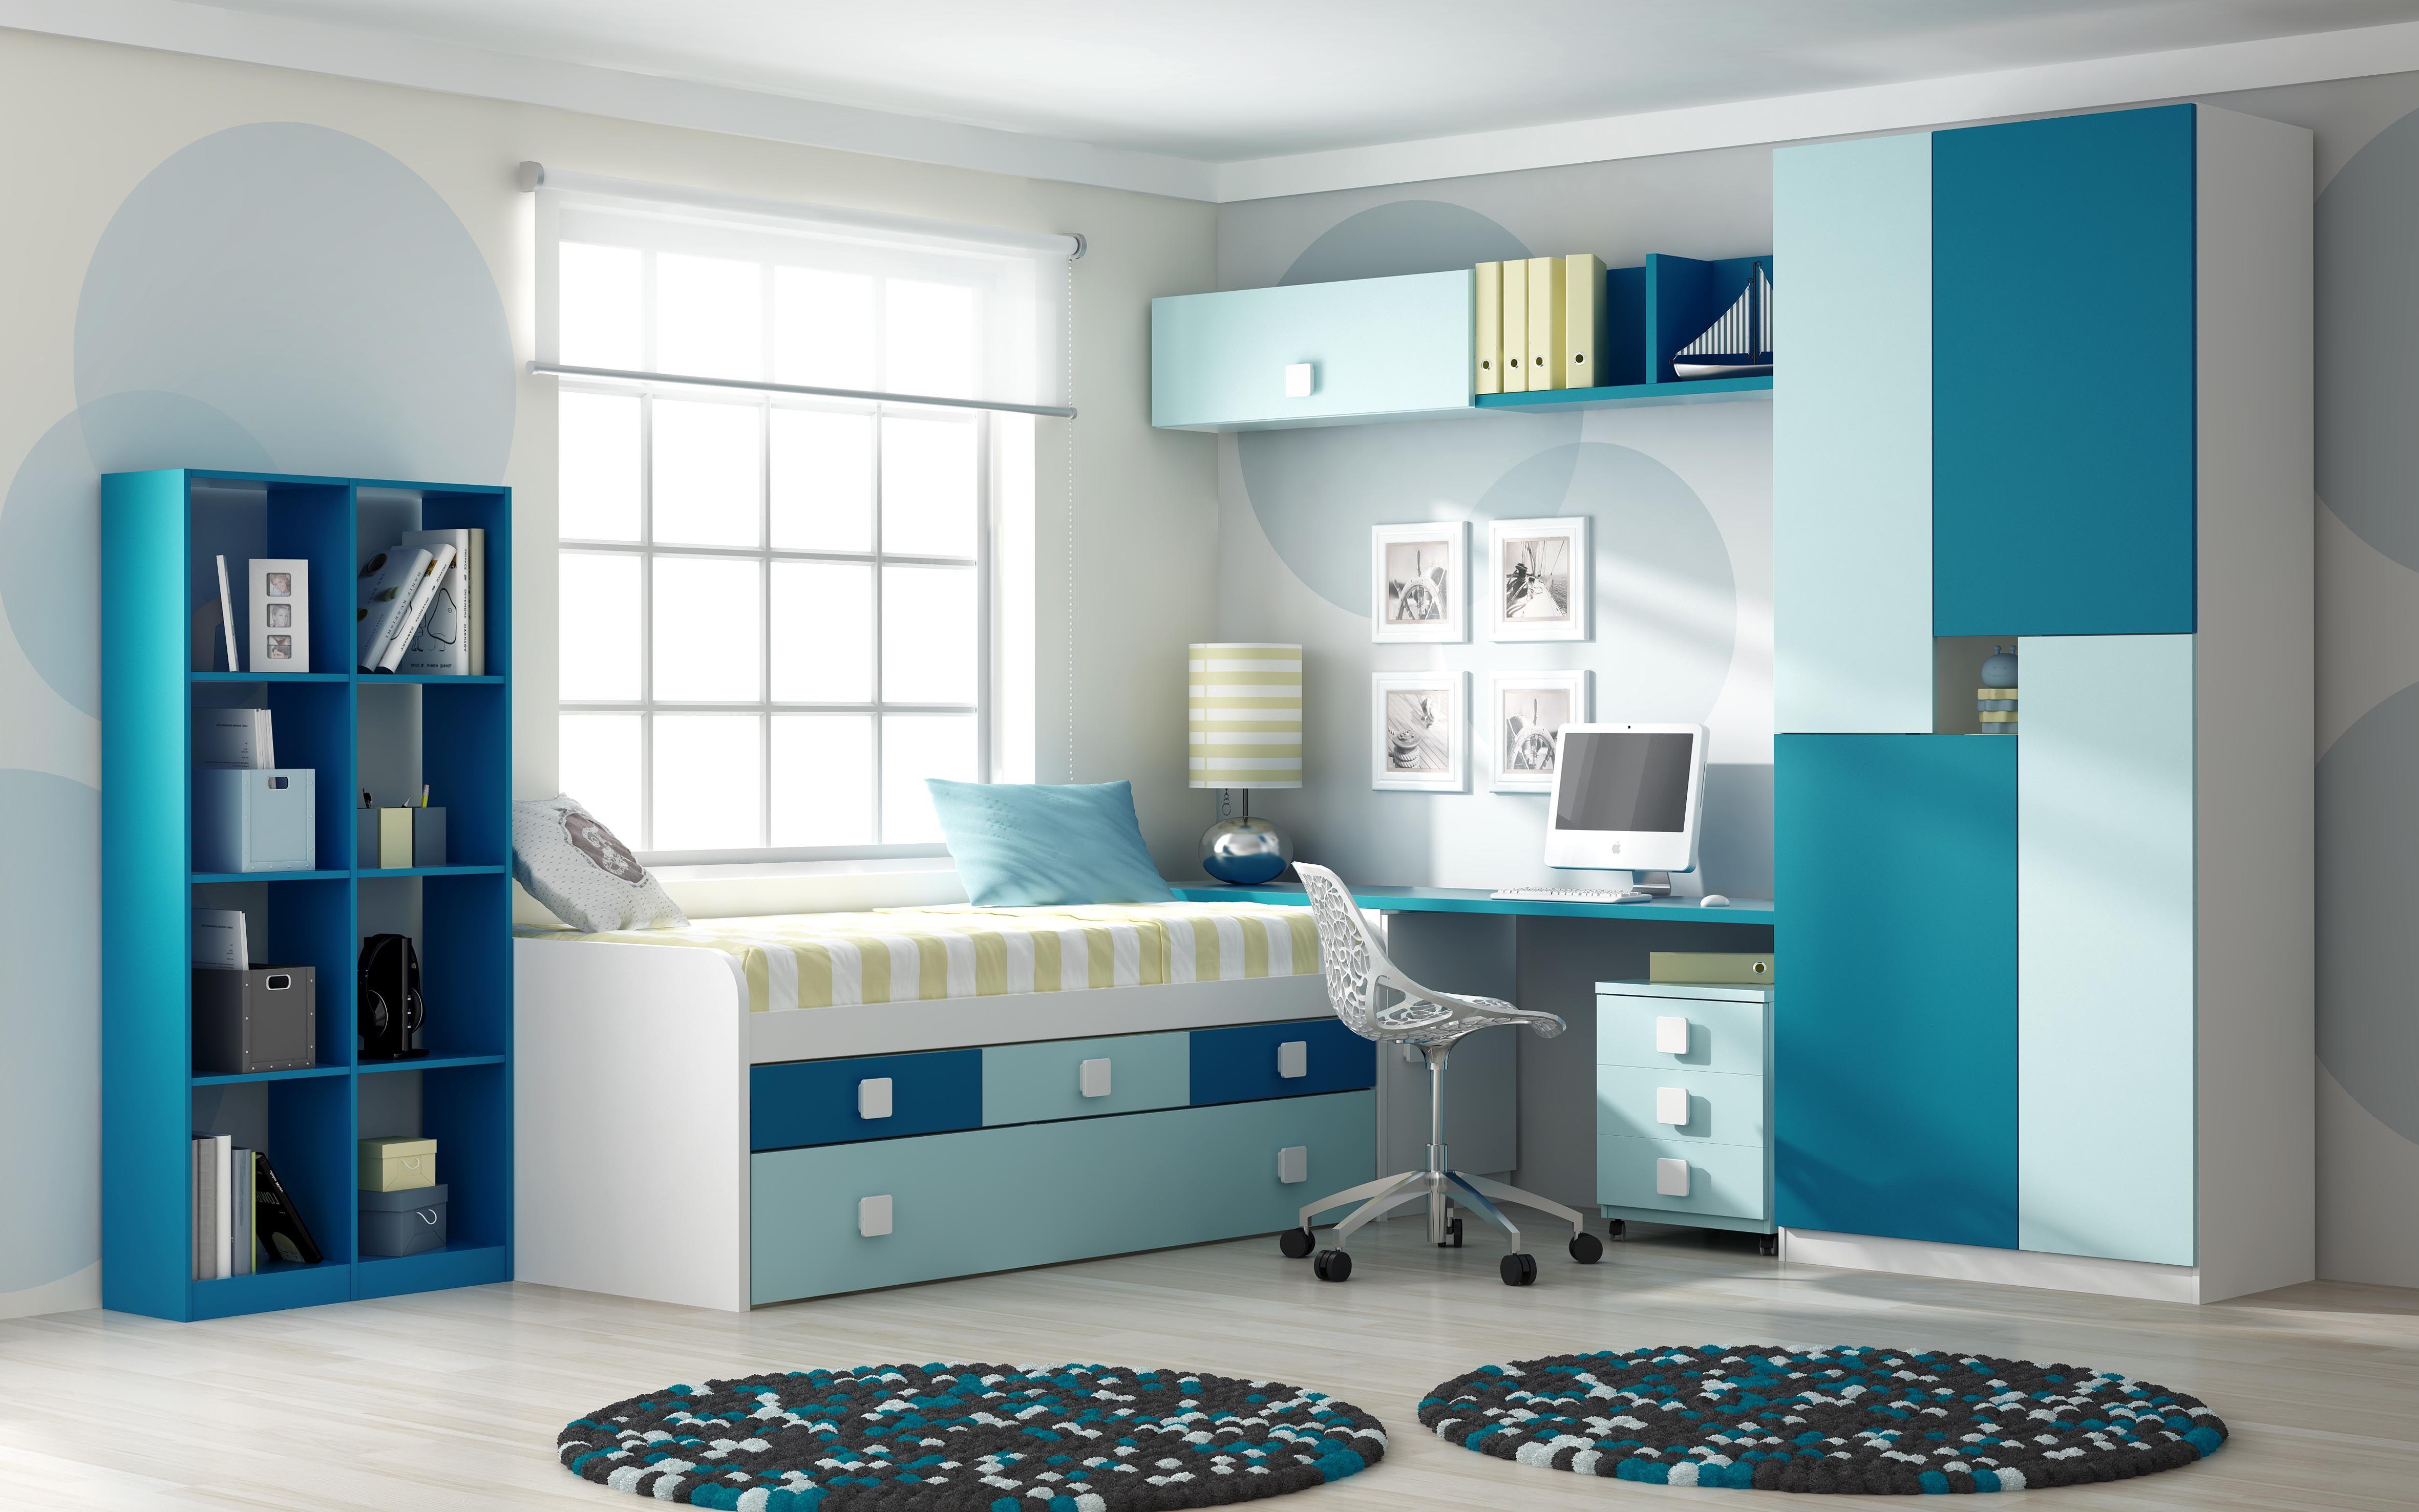 Dormitorio infantil madridecor aprovechamos los espacios for Juego de dormitorio infantil